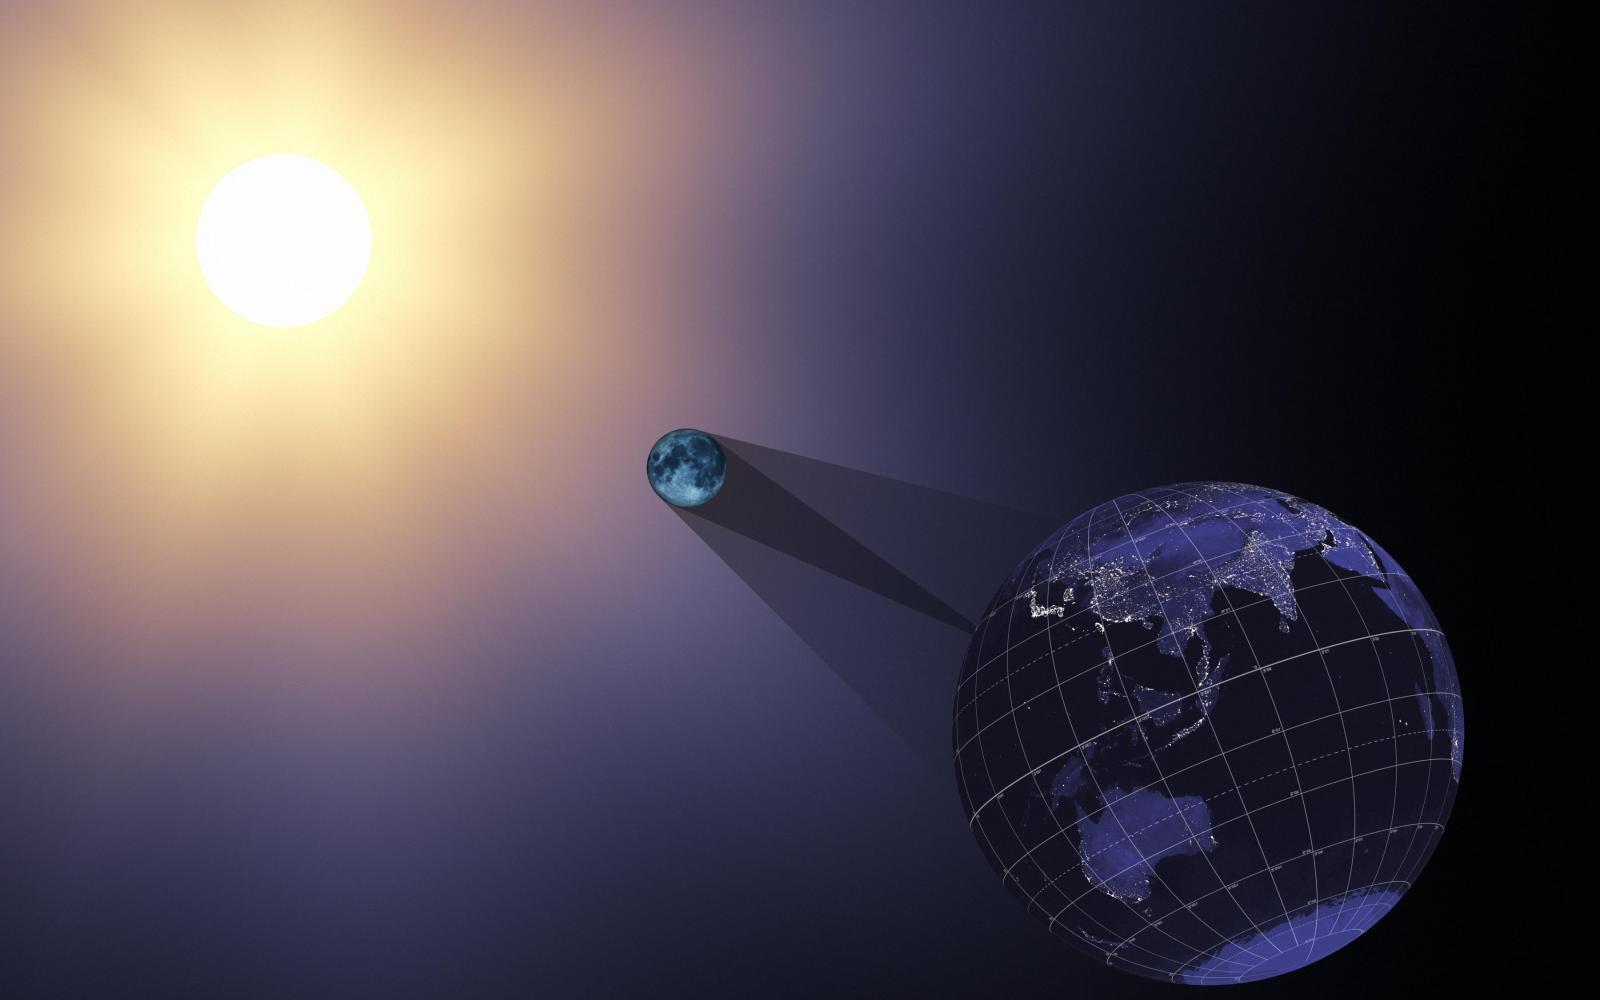 *** Що таке затемнення, які наслідки, що робити, місячні і сонячні, суть, прогнози і рекомендації, коридори total-solar-eclipse-Sun-Earth-eclipse ***